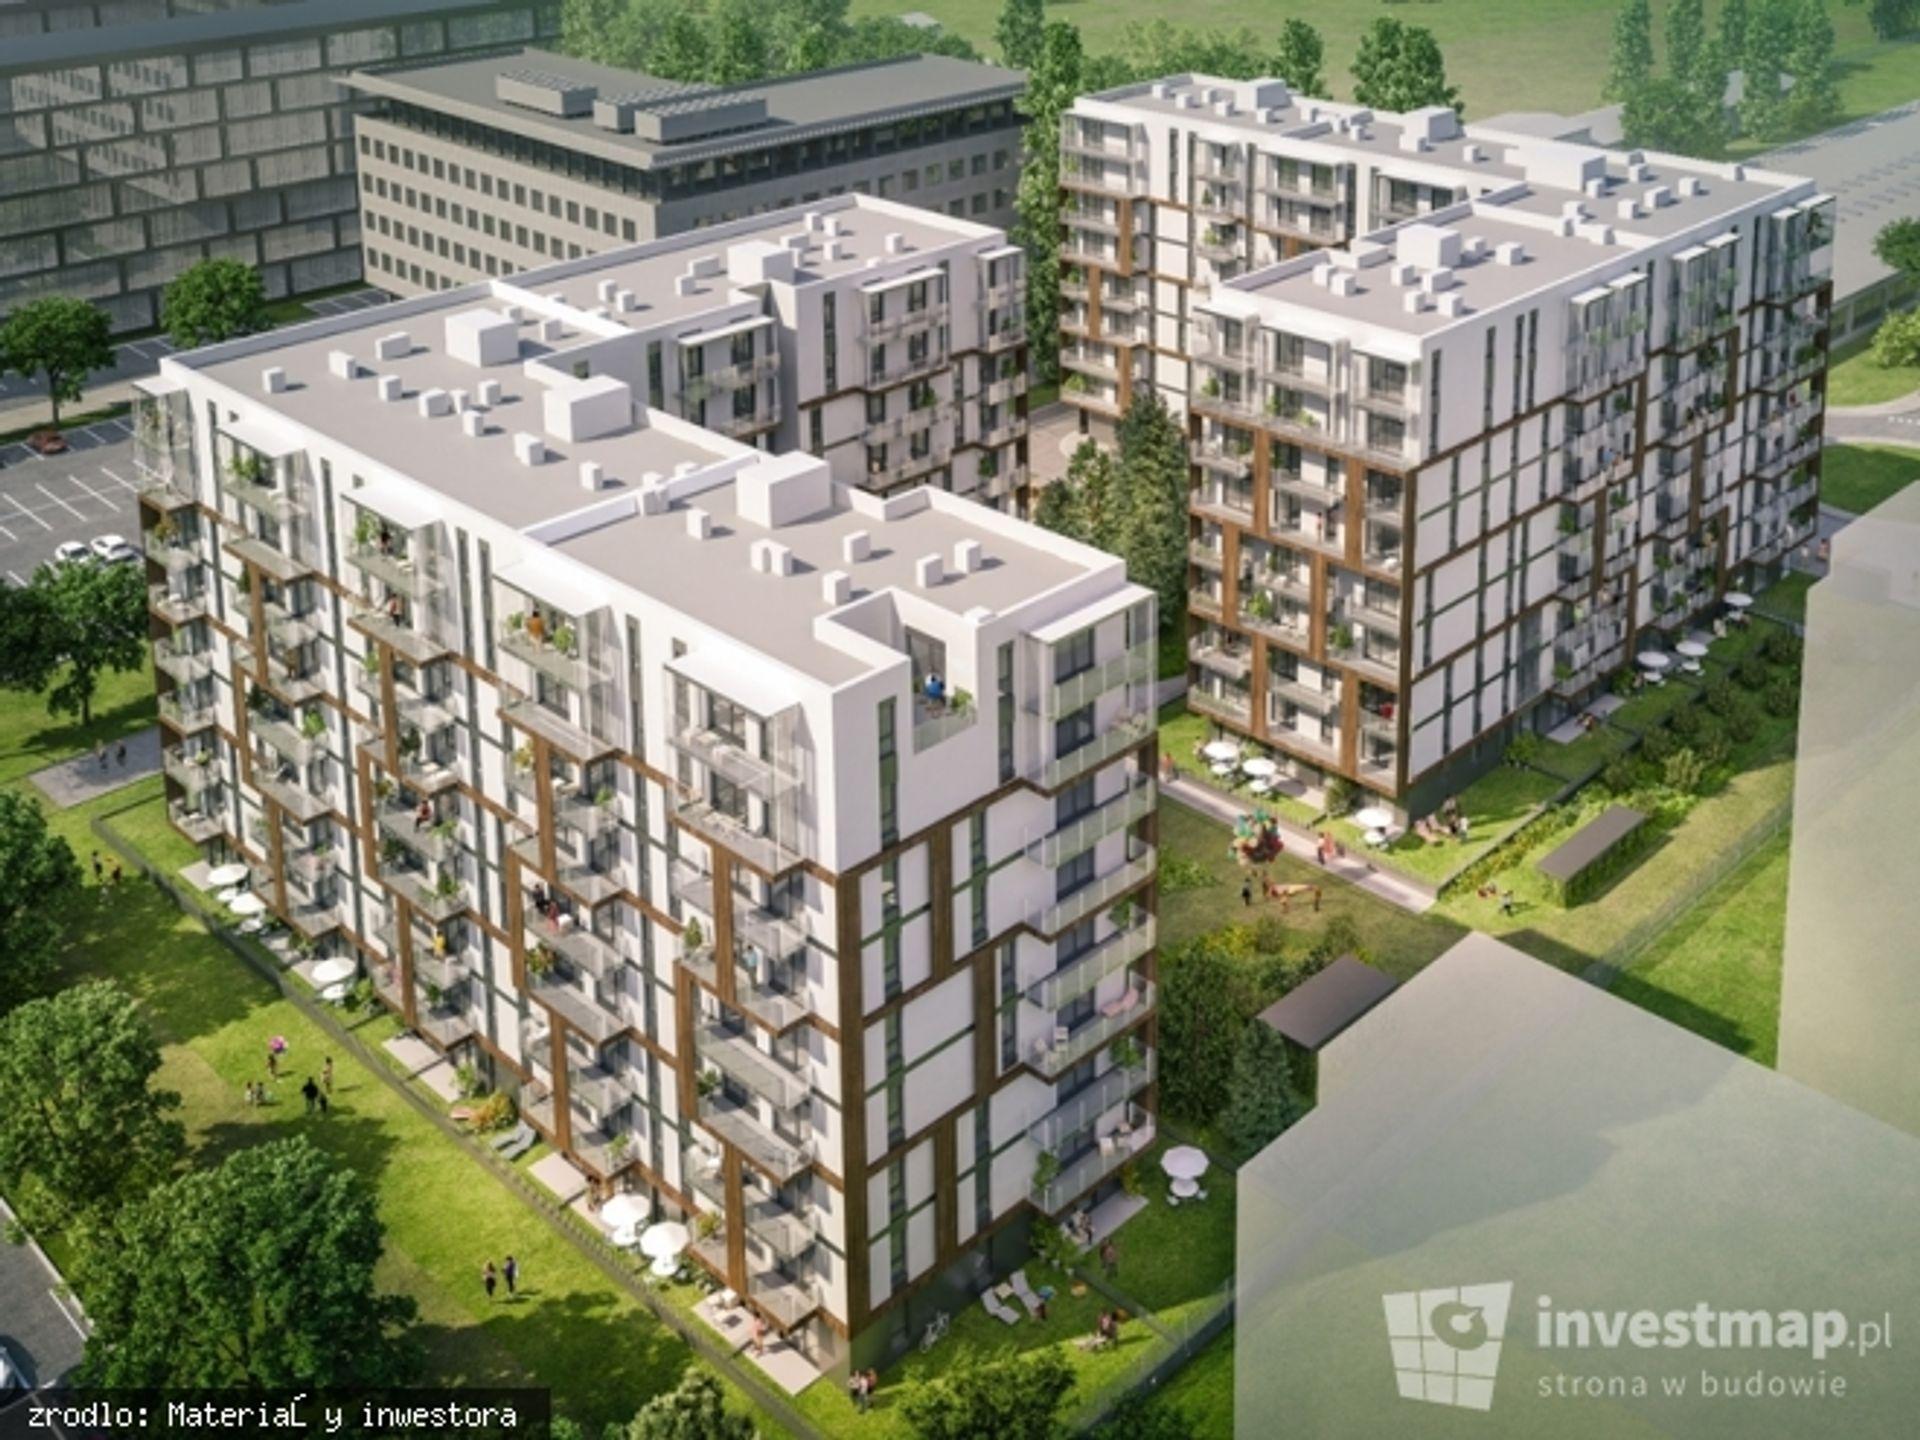 [Warszawa] Ruszyła sprzedaż mieszkań I etapu Living Point Mokotów